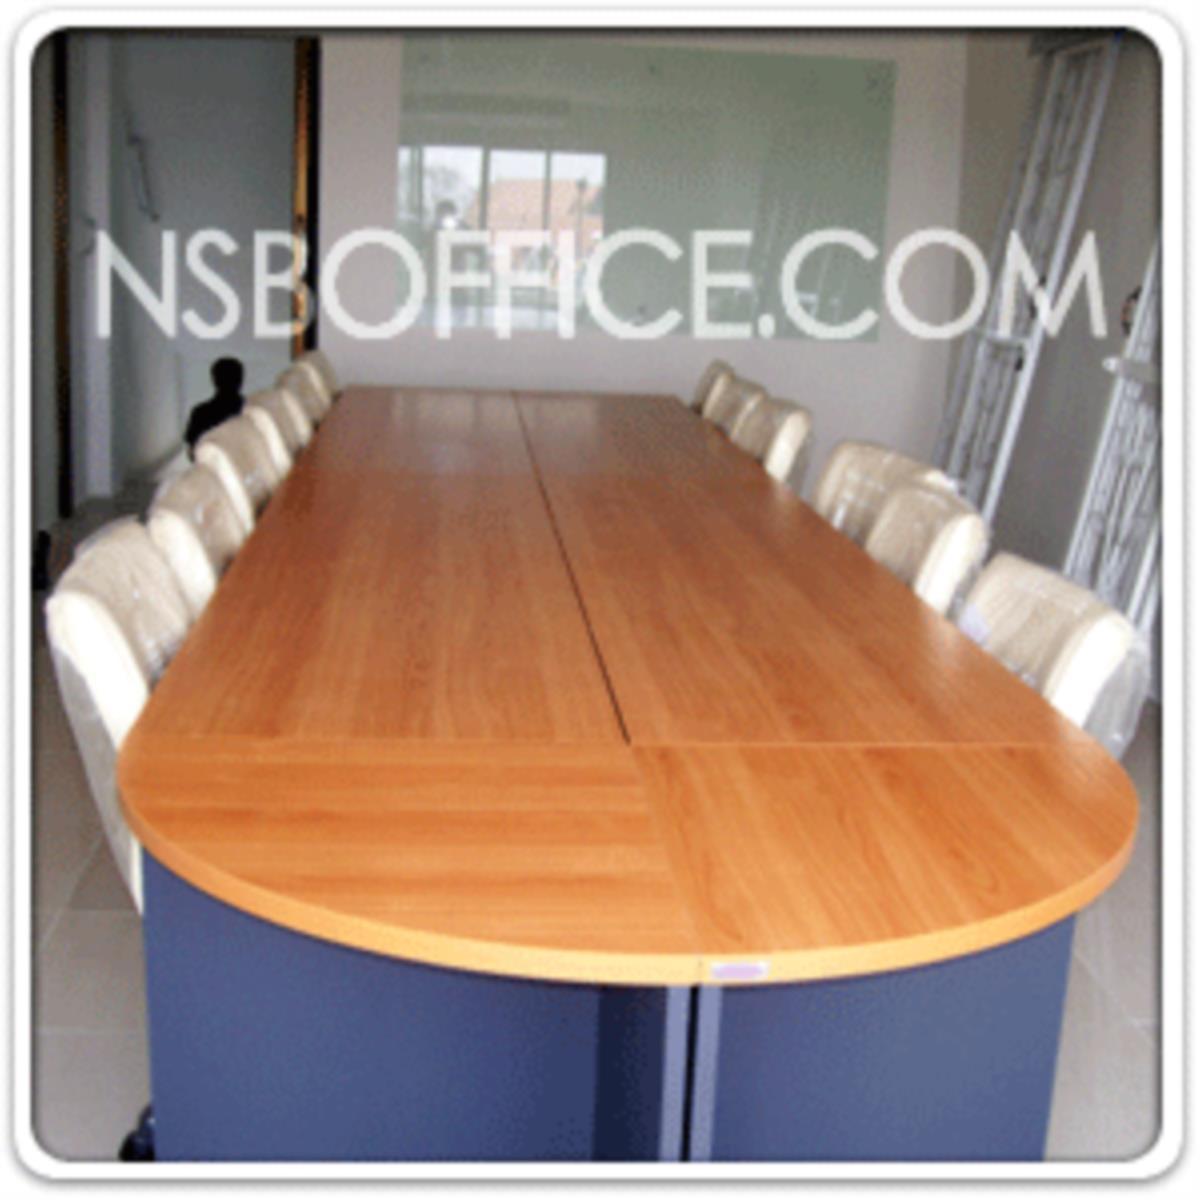 โต๊ะเข้ามุมทรงโค้ง รุ่น Sky-02 ขนาด R60 cm.  เมลามีน